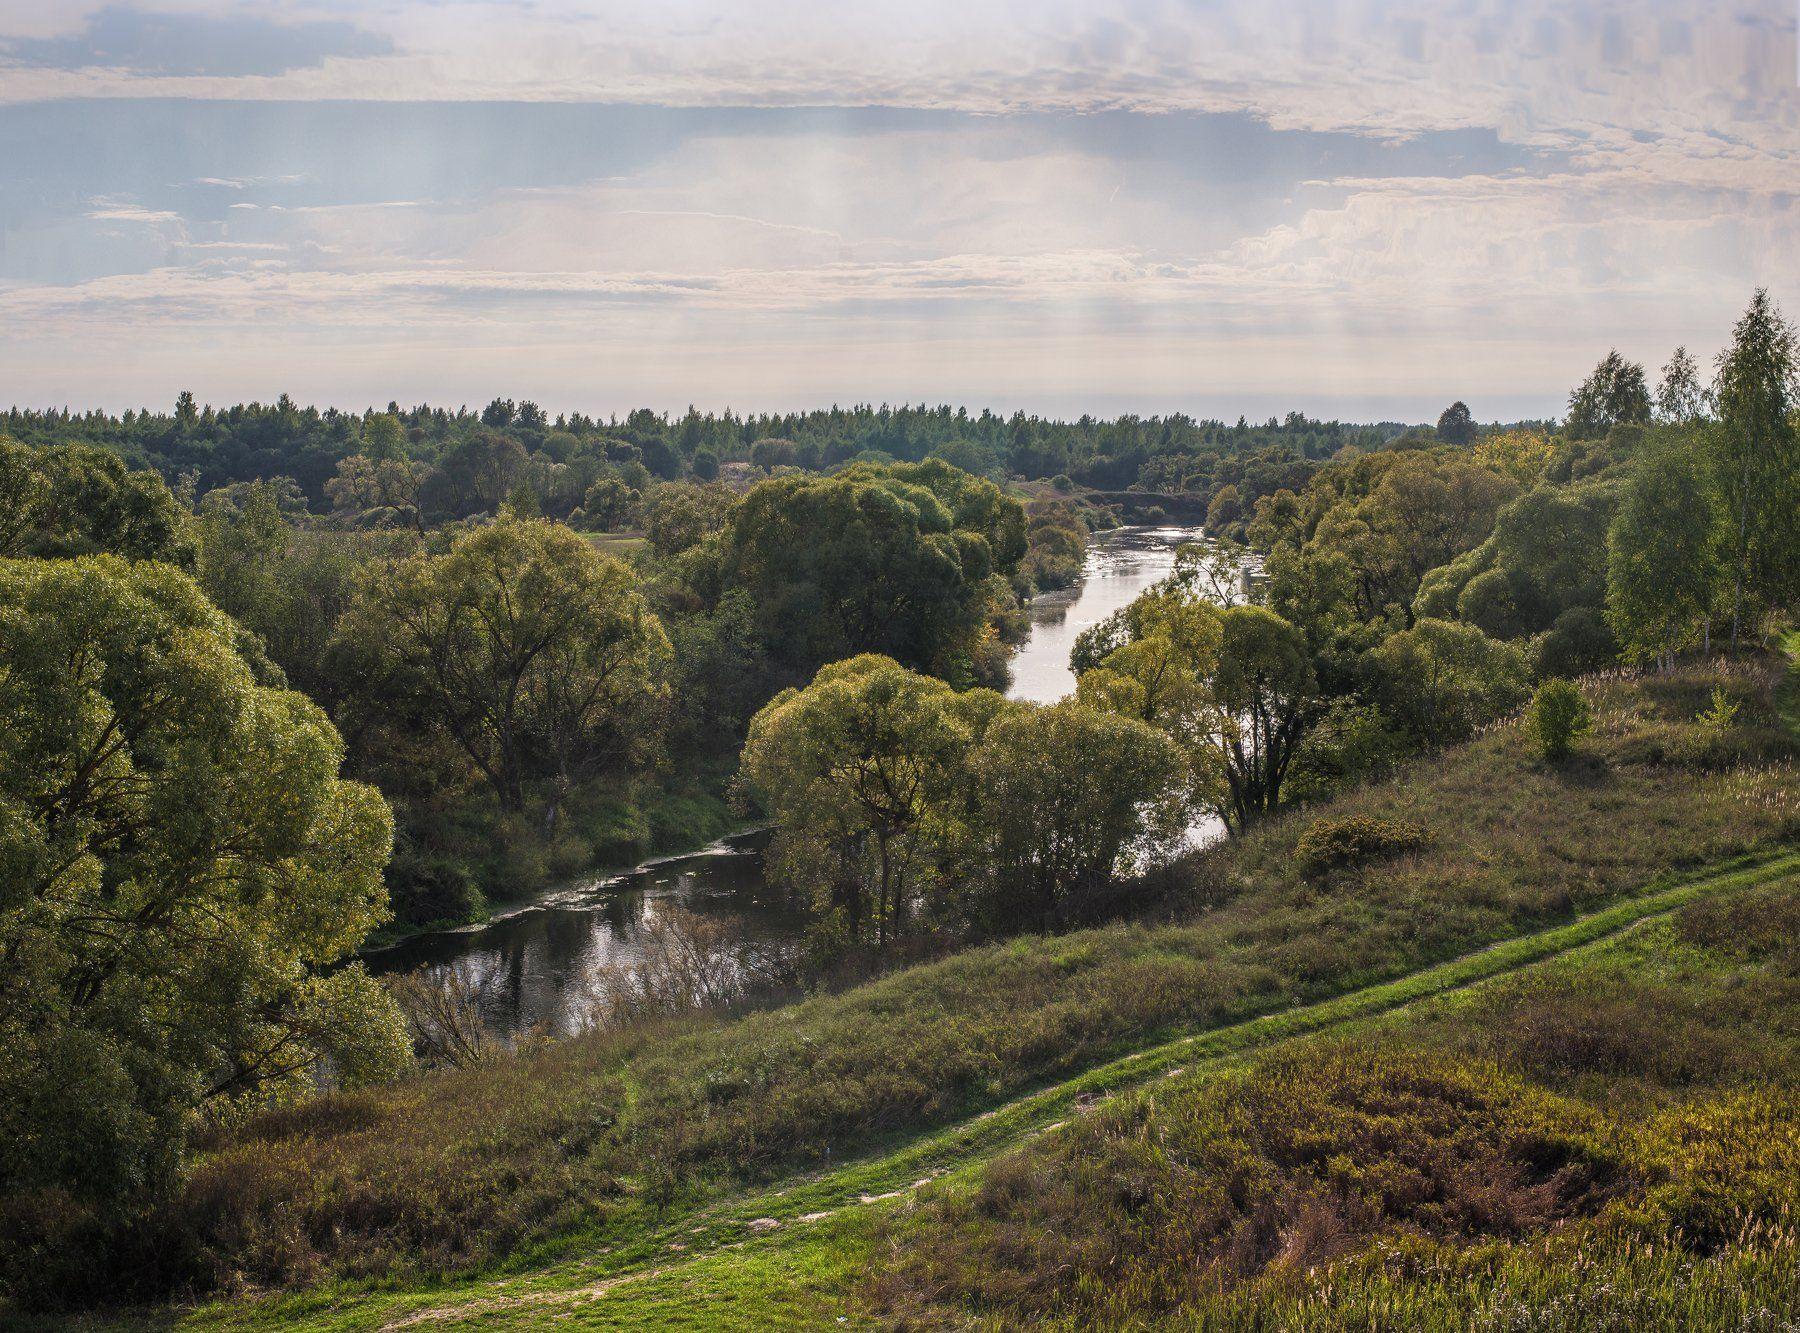 времена года, небо, осень, пейзаж, река каспля, россия, сентябрь, смоленская область, Лидия Киприч